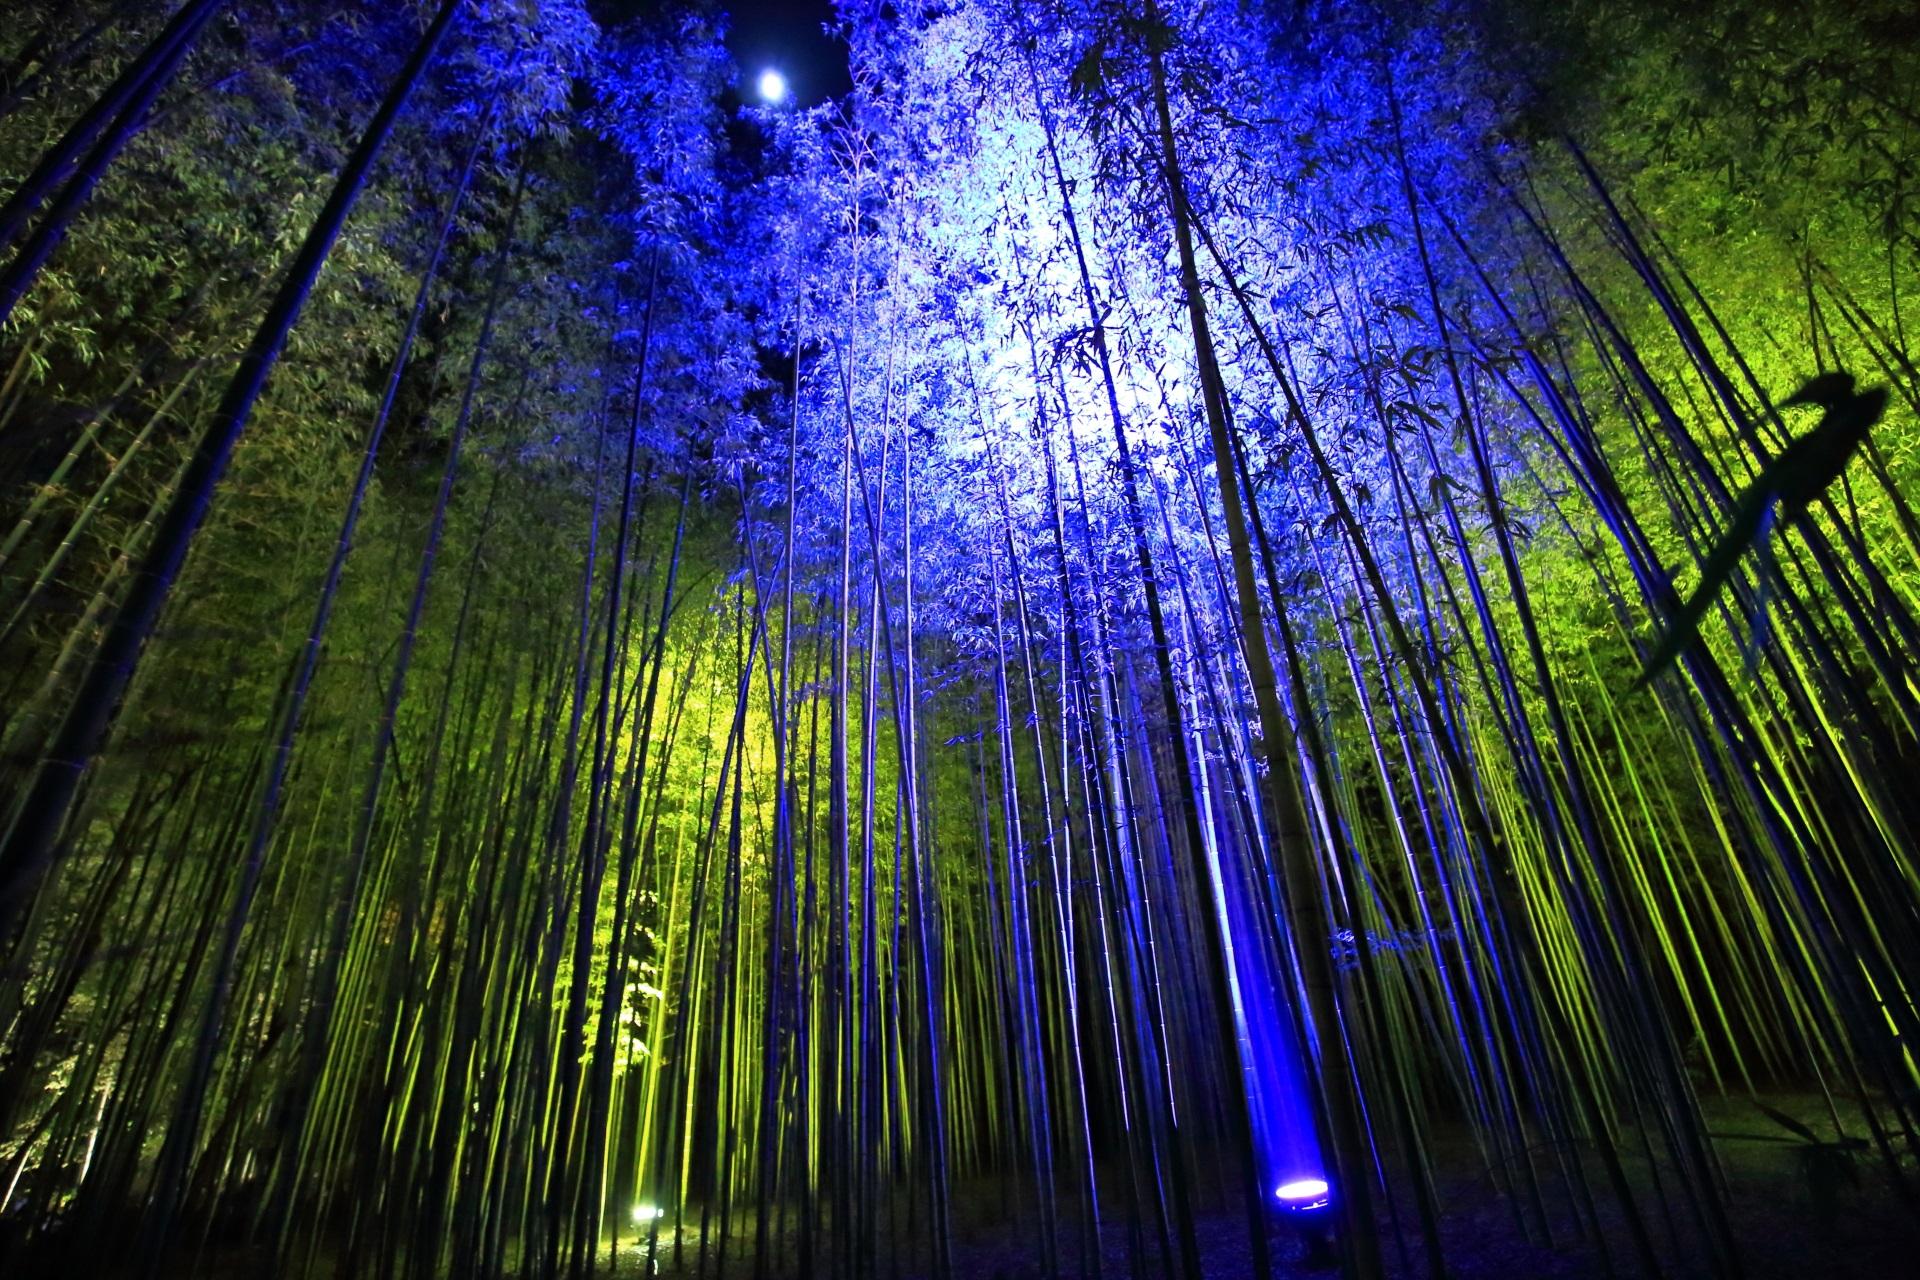 嵐山花灯路の竹林と月の神秘的なライトアップ